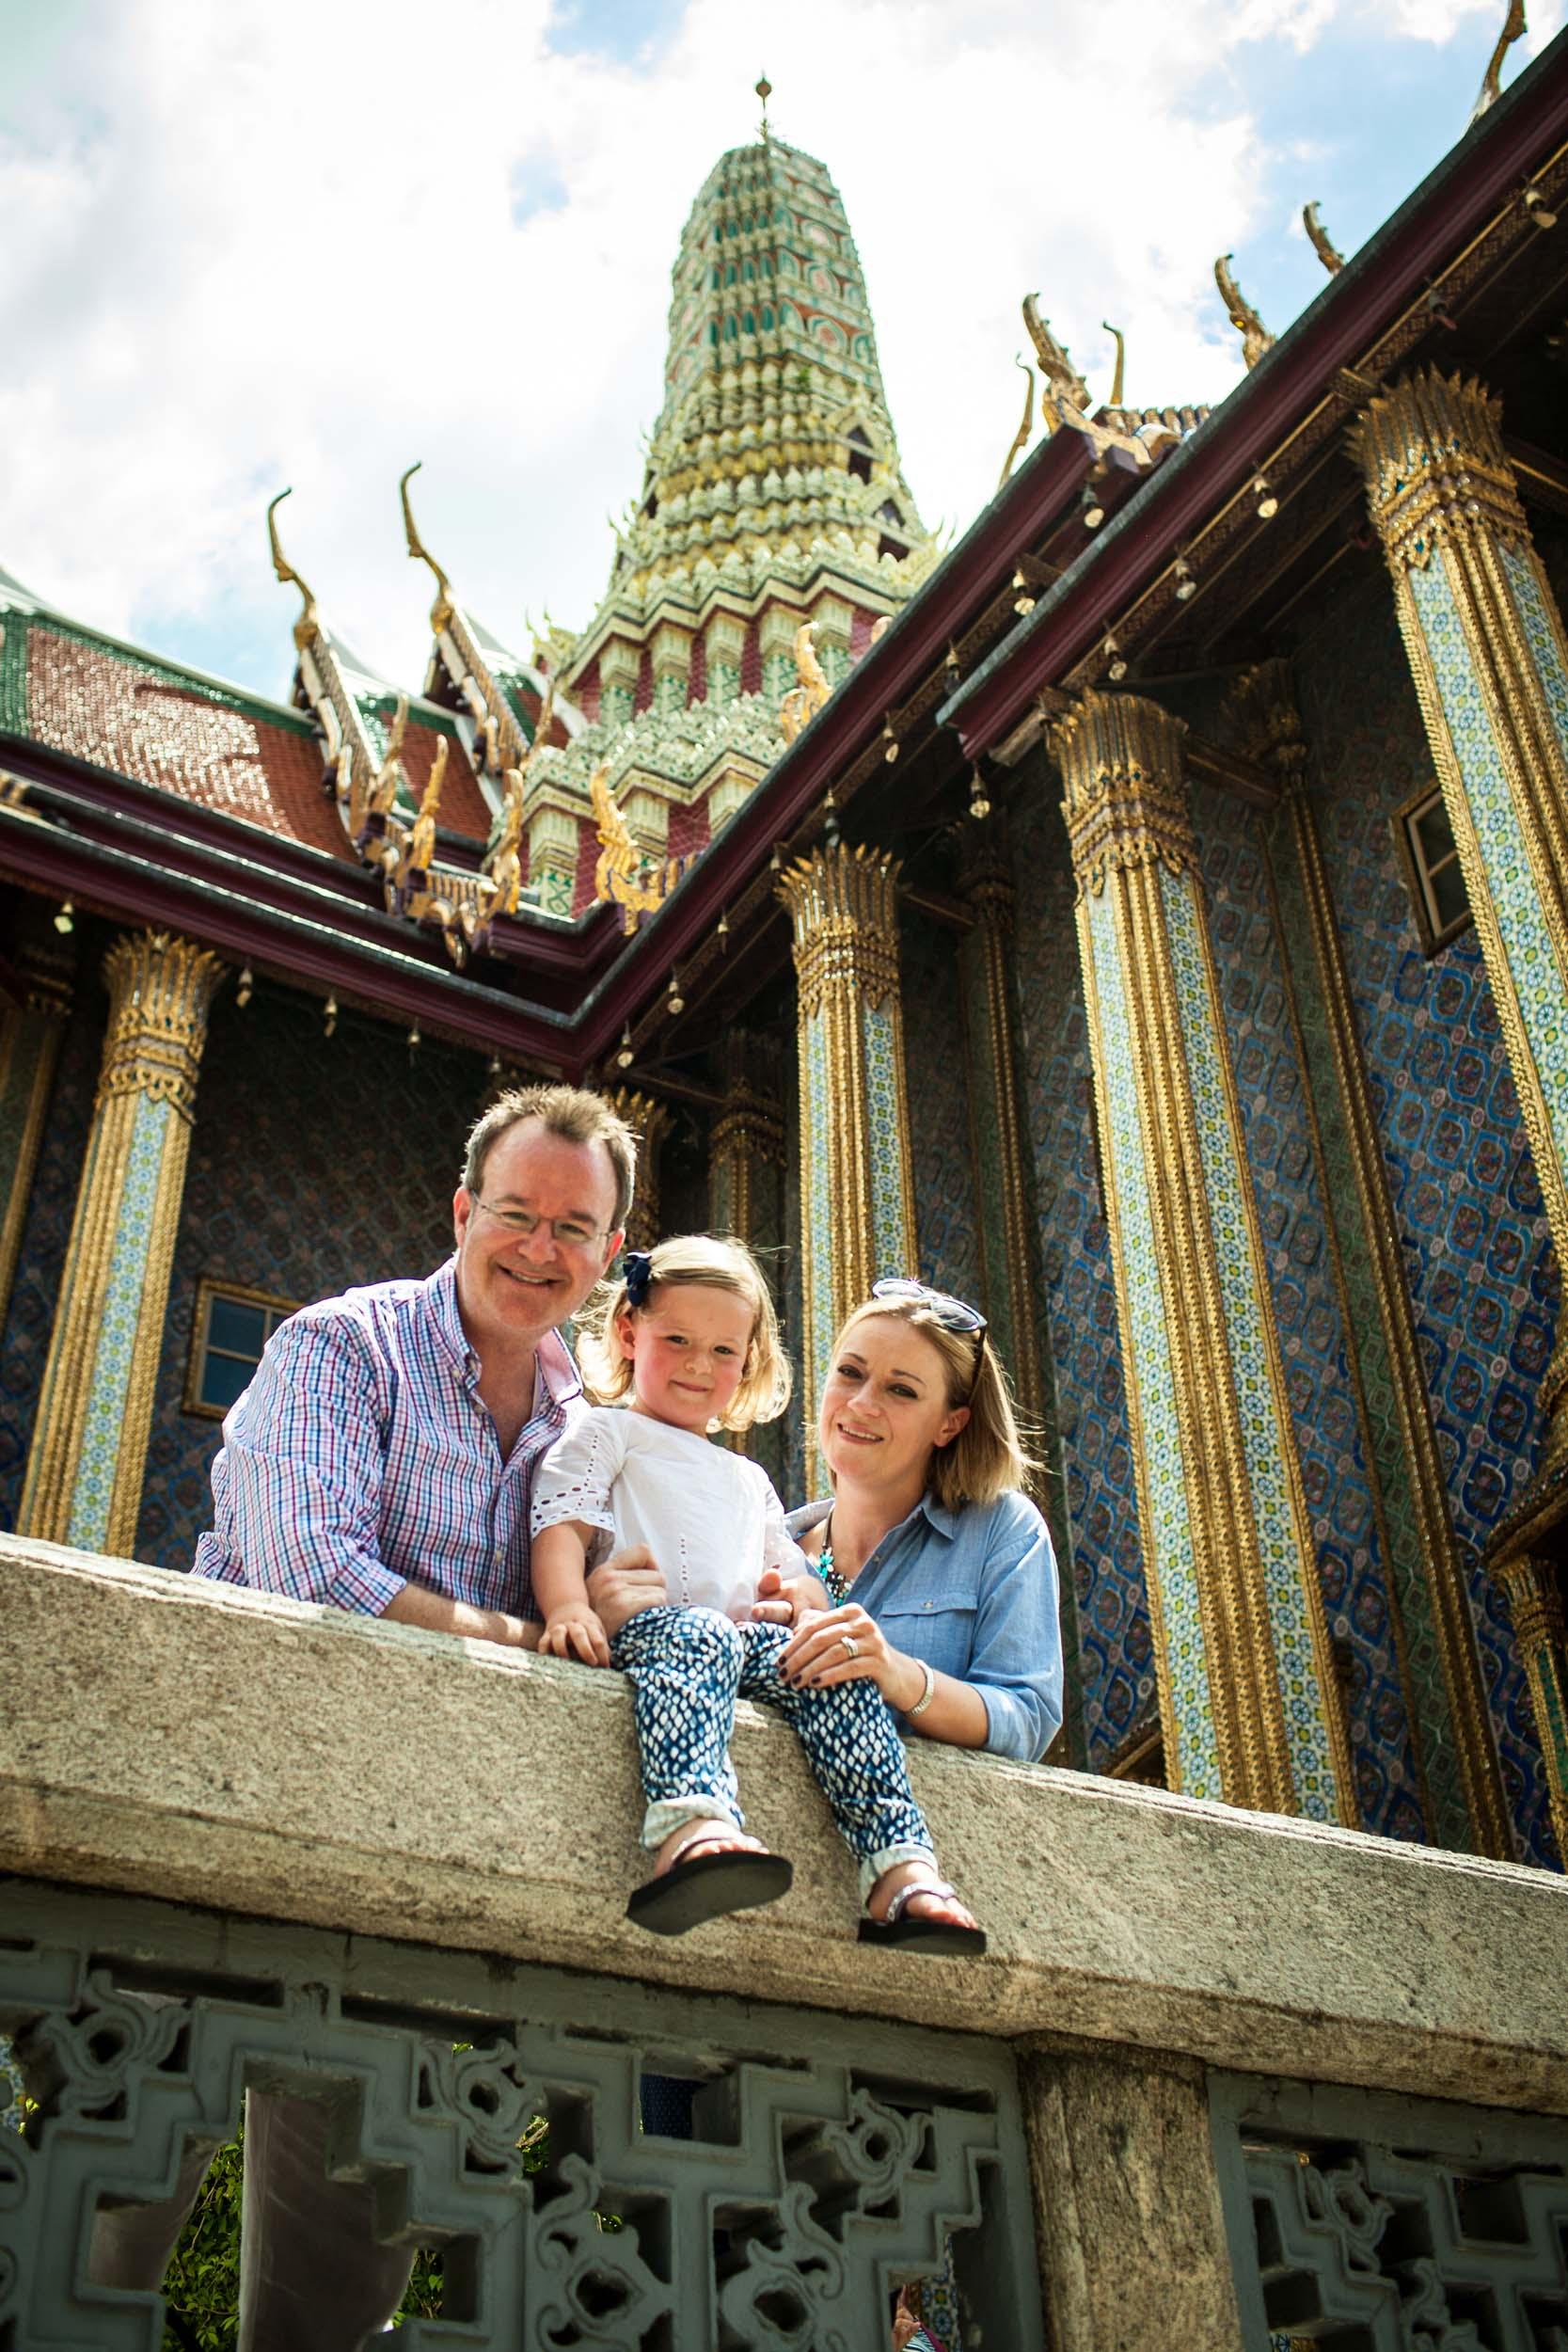 Flytographer Tom in Bangkok